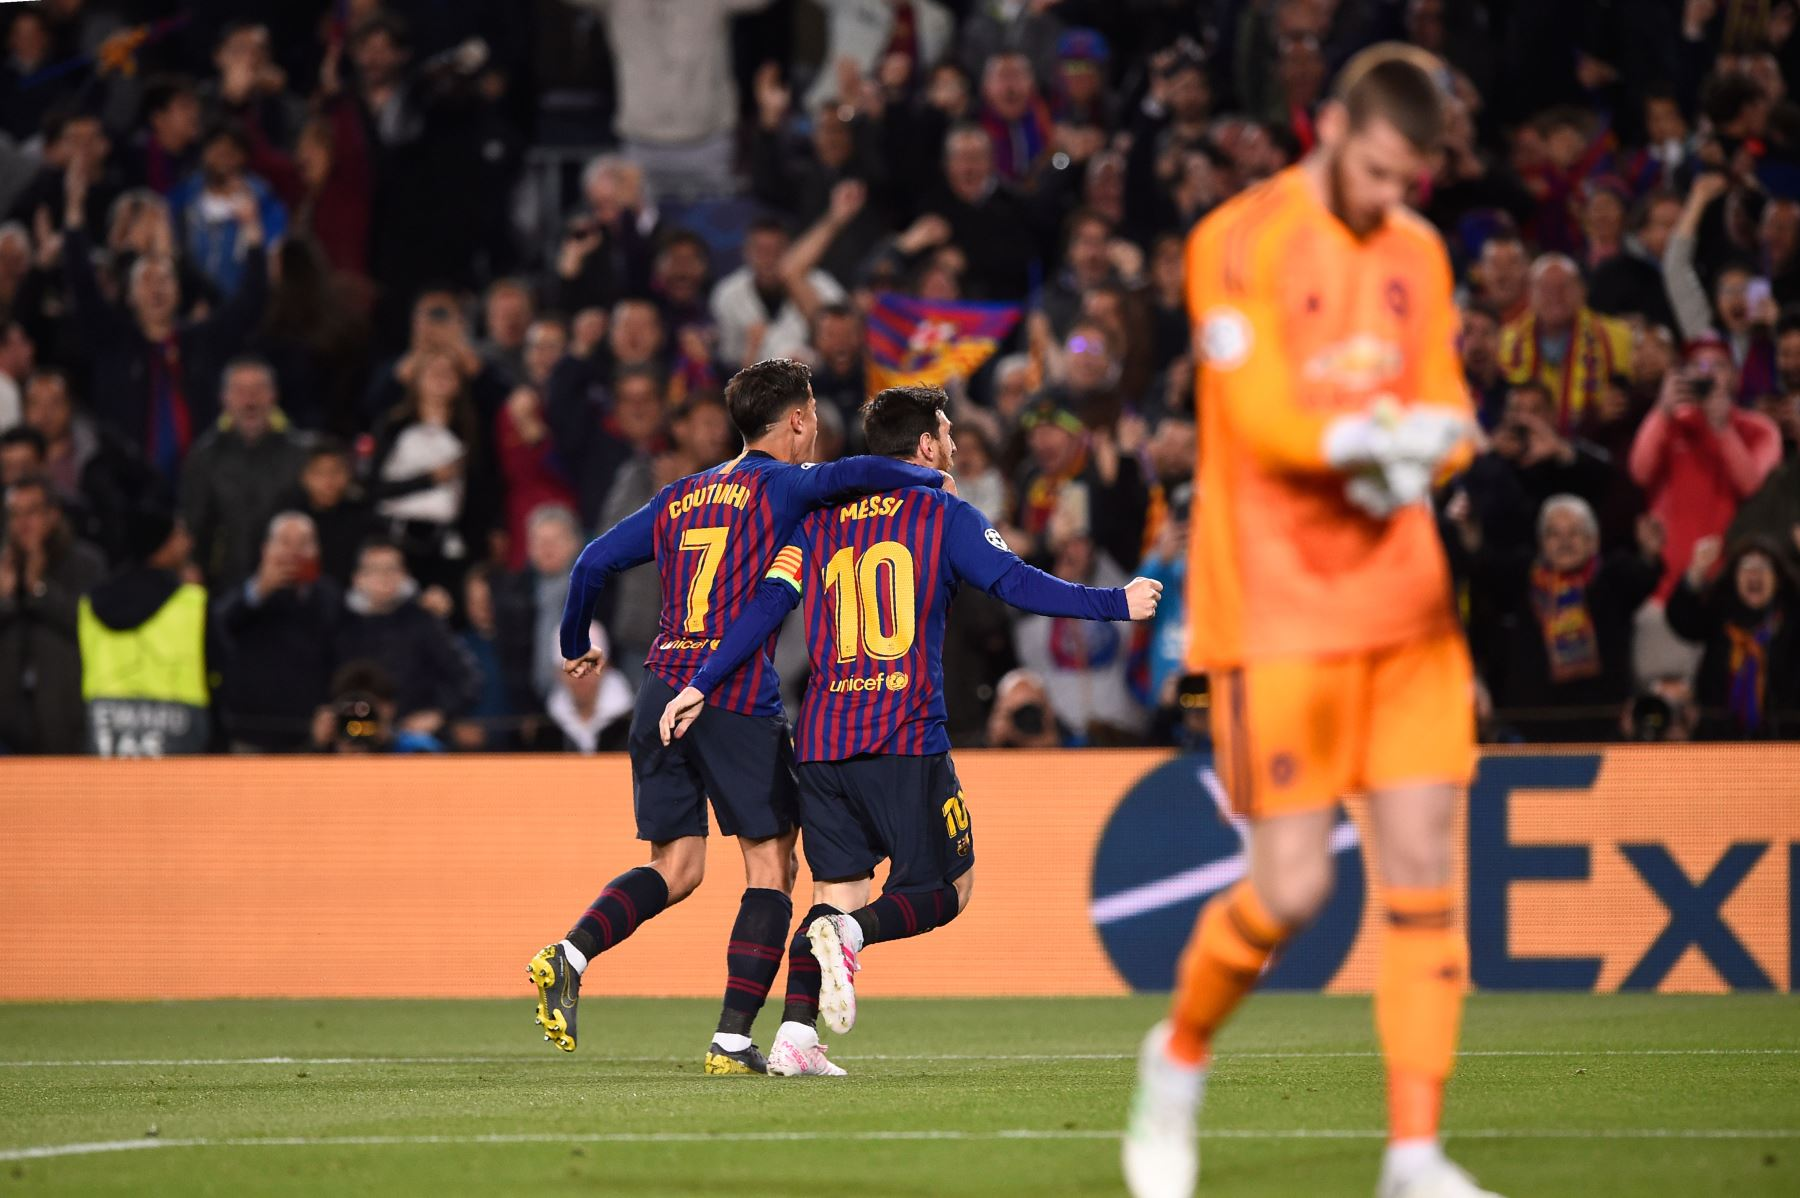 El delantero argentino del Barcelona Lionel Messi (C) celebra con el mediocampista brasileño Philippe Coutinho luego de anotar durante el partido de fútbol de la segunda jornada de la UEFA Champions League entre el Barcelona y el Manchester United.Foto:AFP